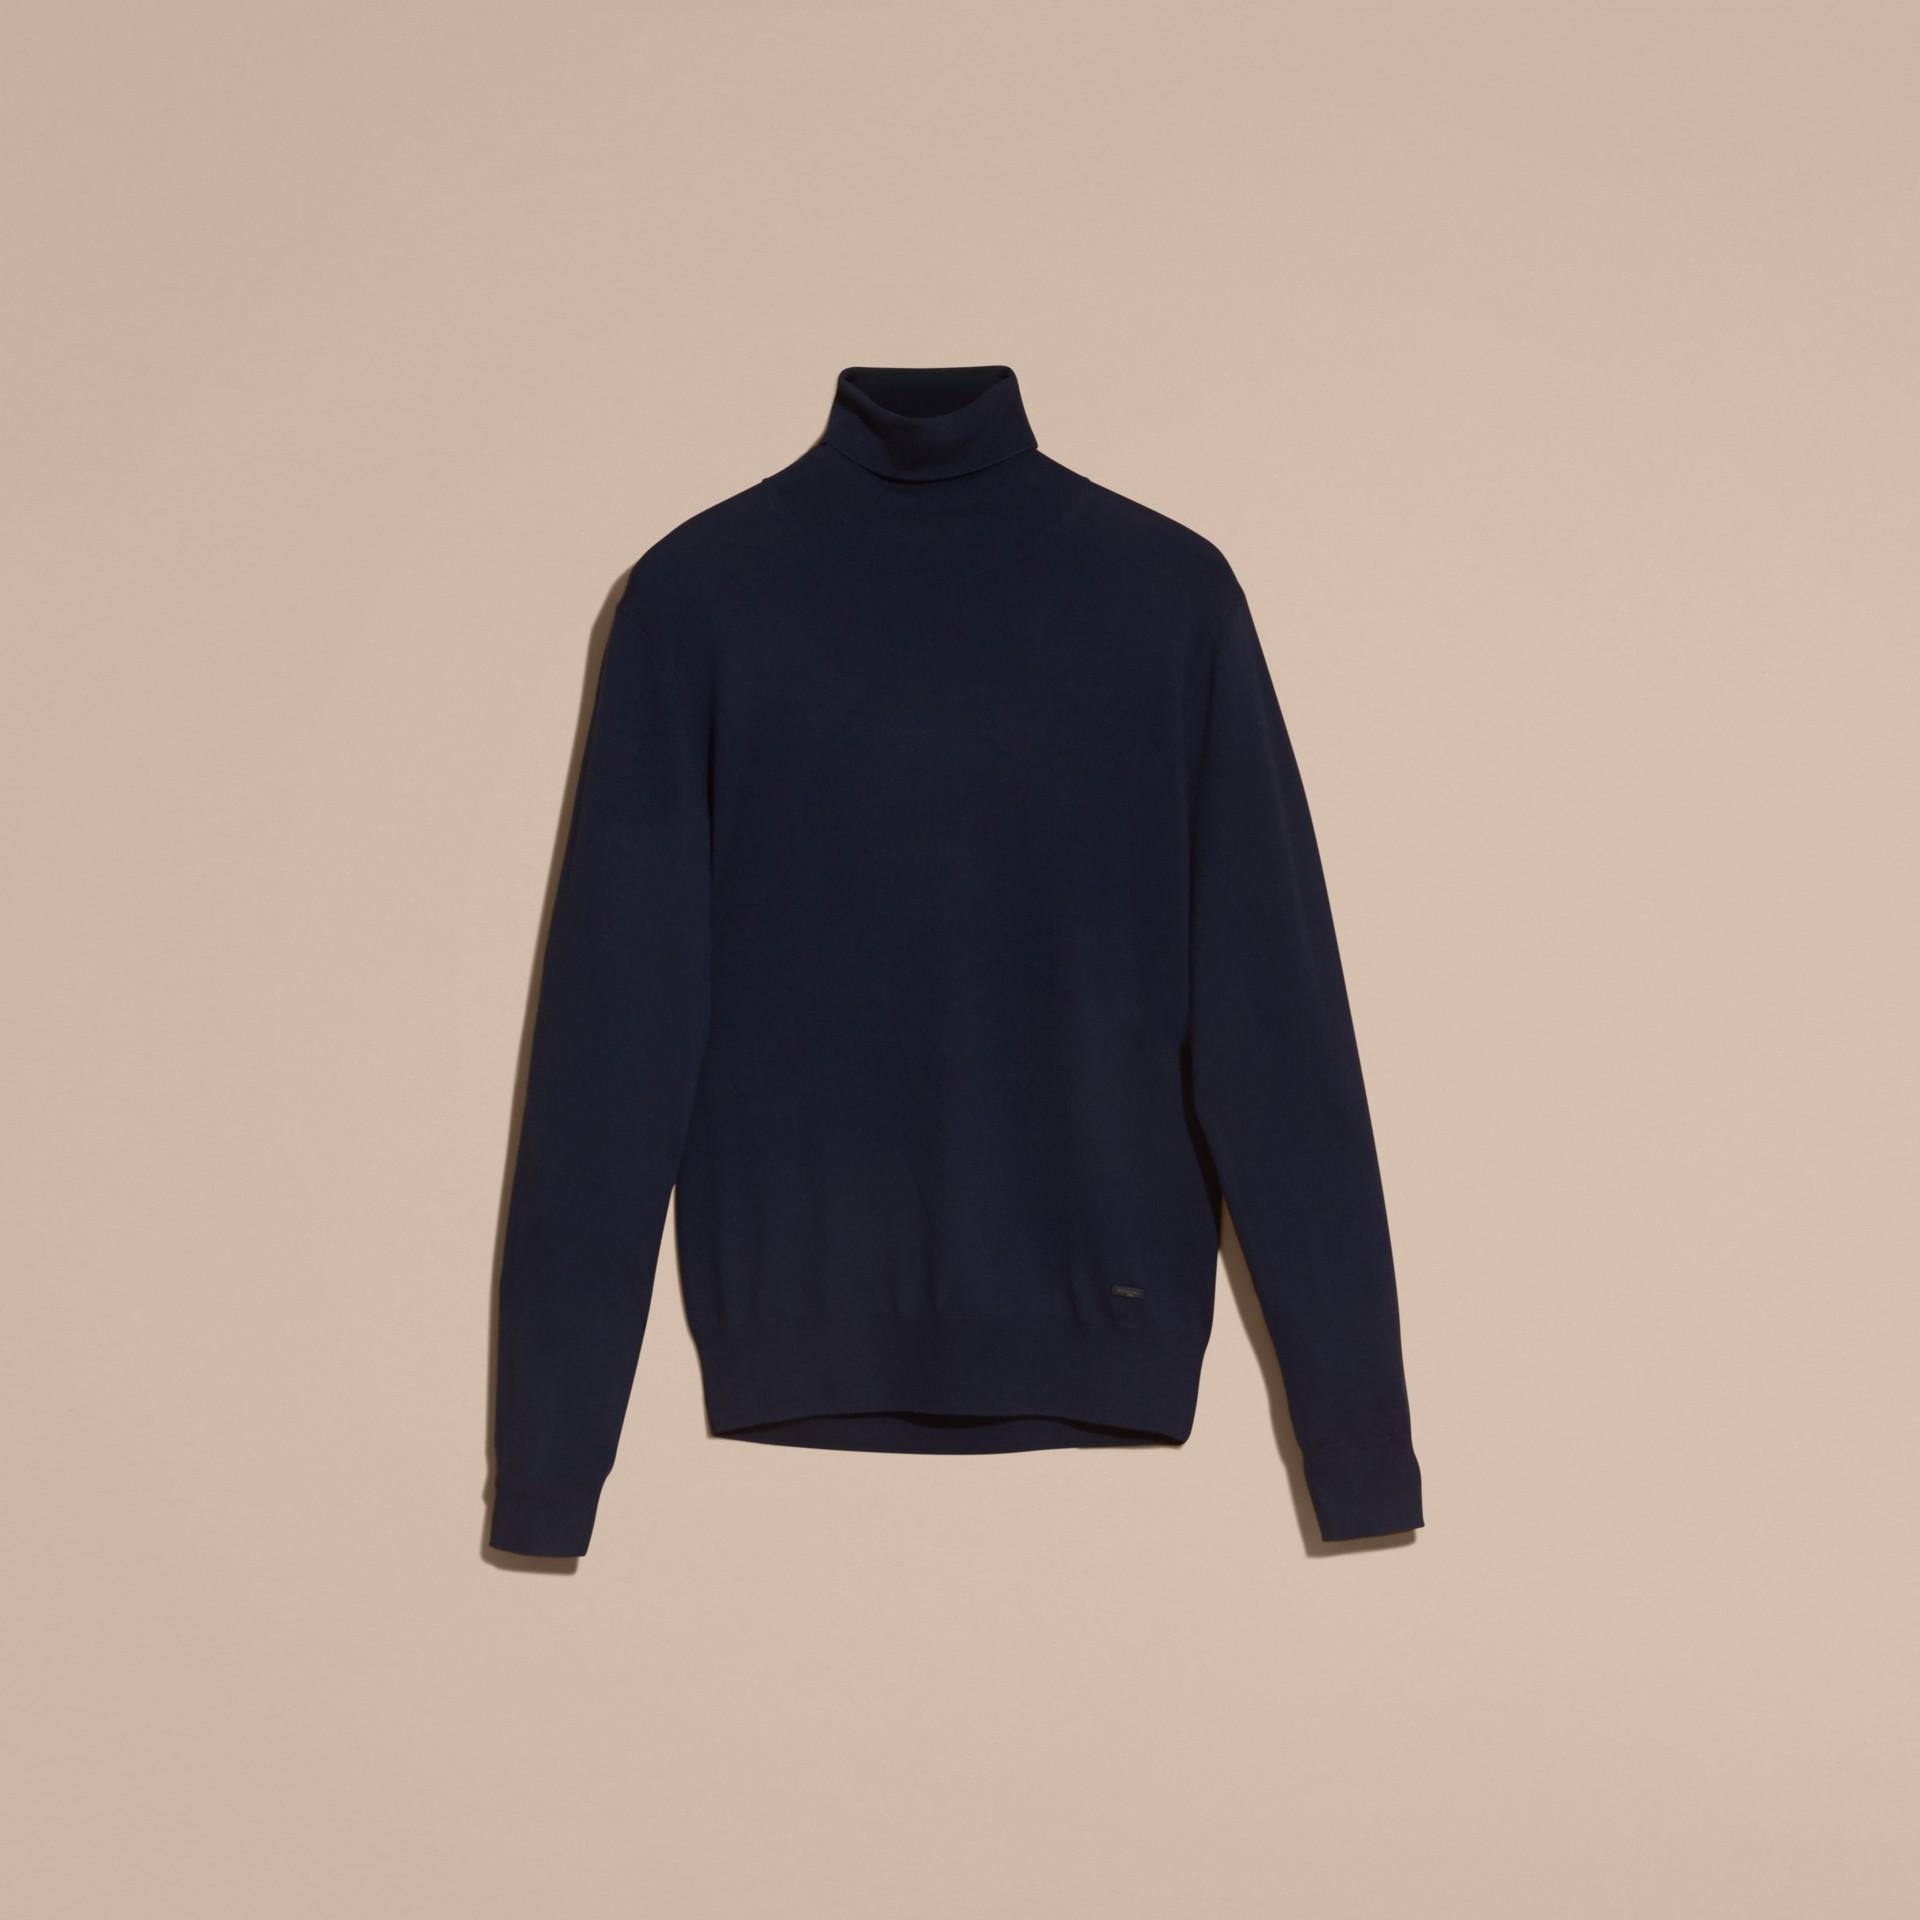 Marineblau Rollkragenpullover aus Merinowolle Marineblau - Galerie-Bild 4